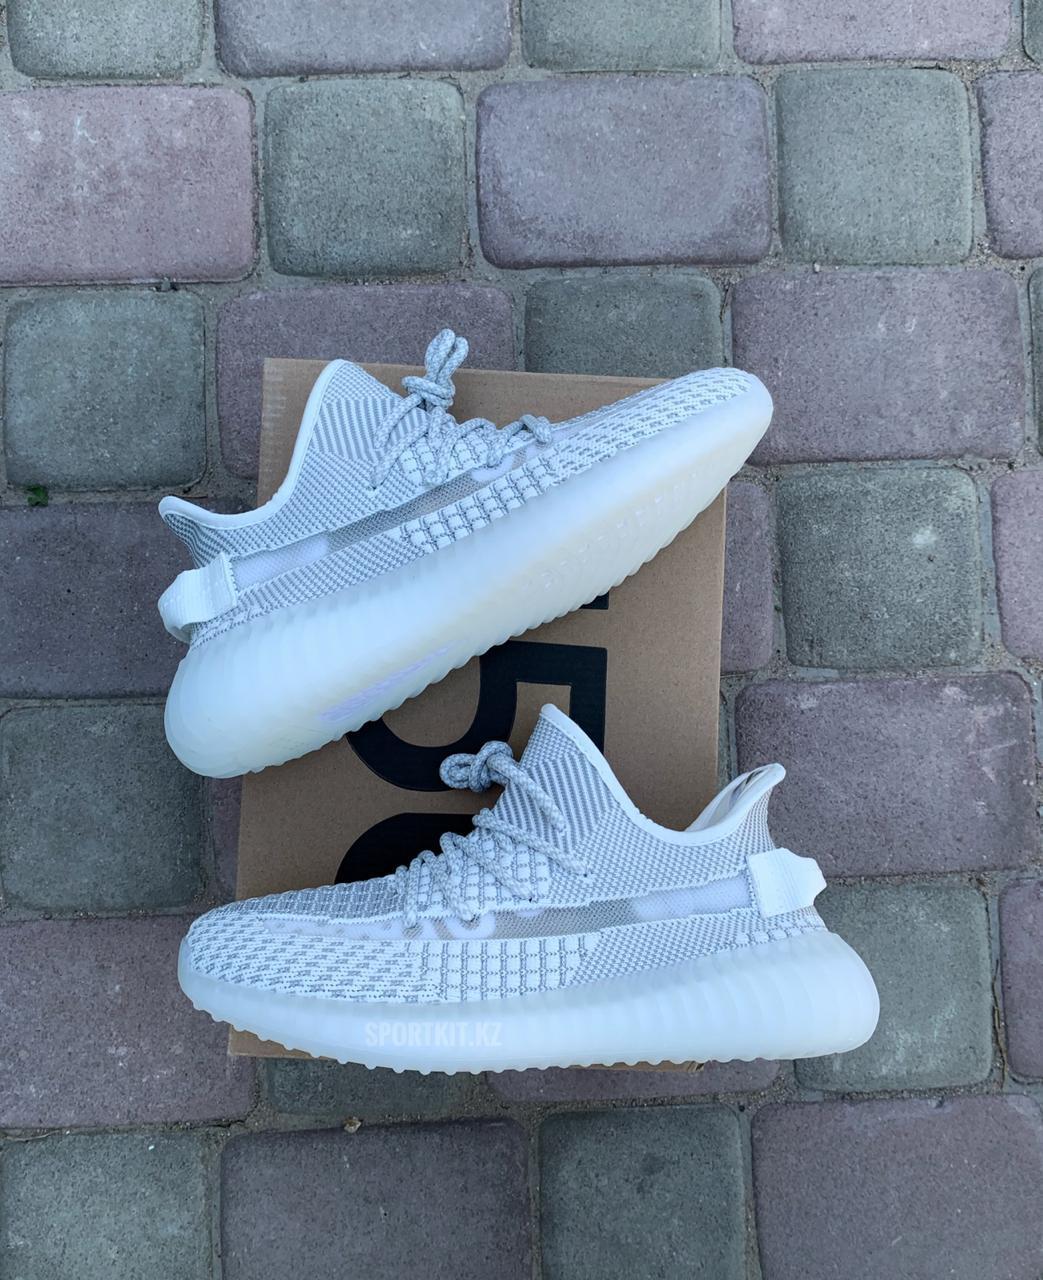 Кроссовки Adidas Yeezy сер - фото 3